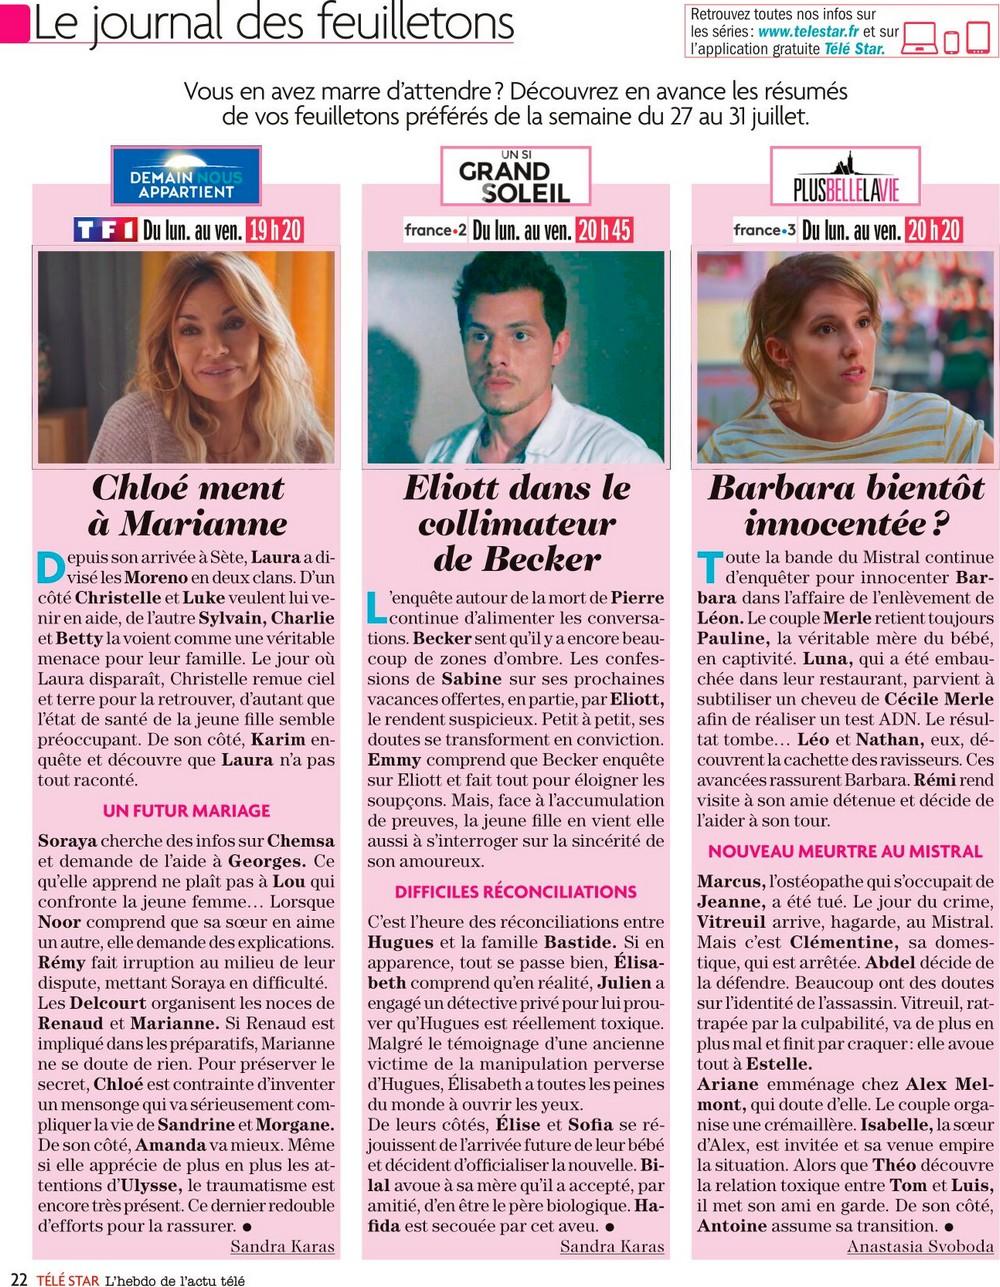 Rubrique PRESSE ! - Page 4 Telest54